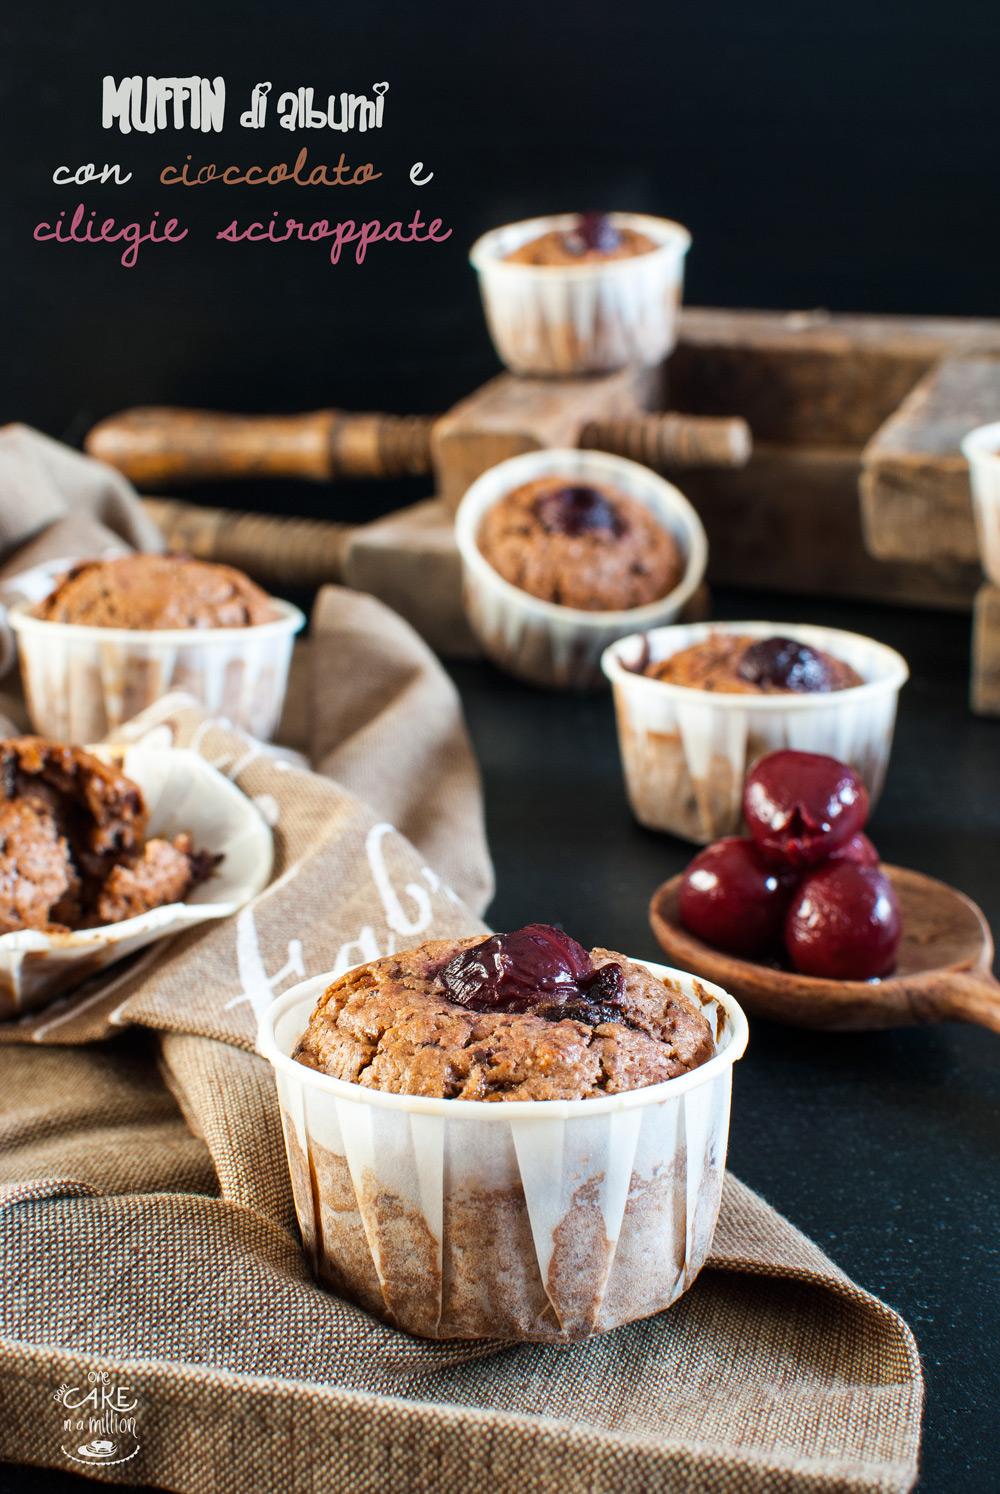 muffin albumi cioccolato ciliegie sciroppate